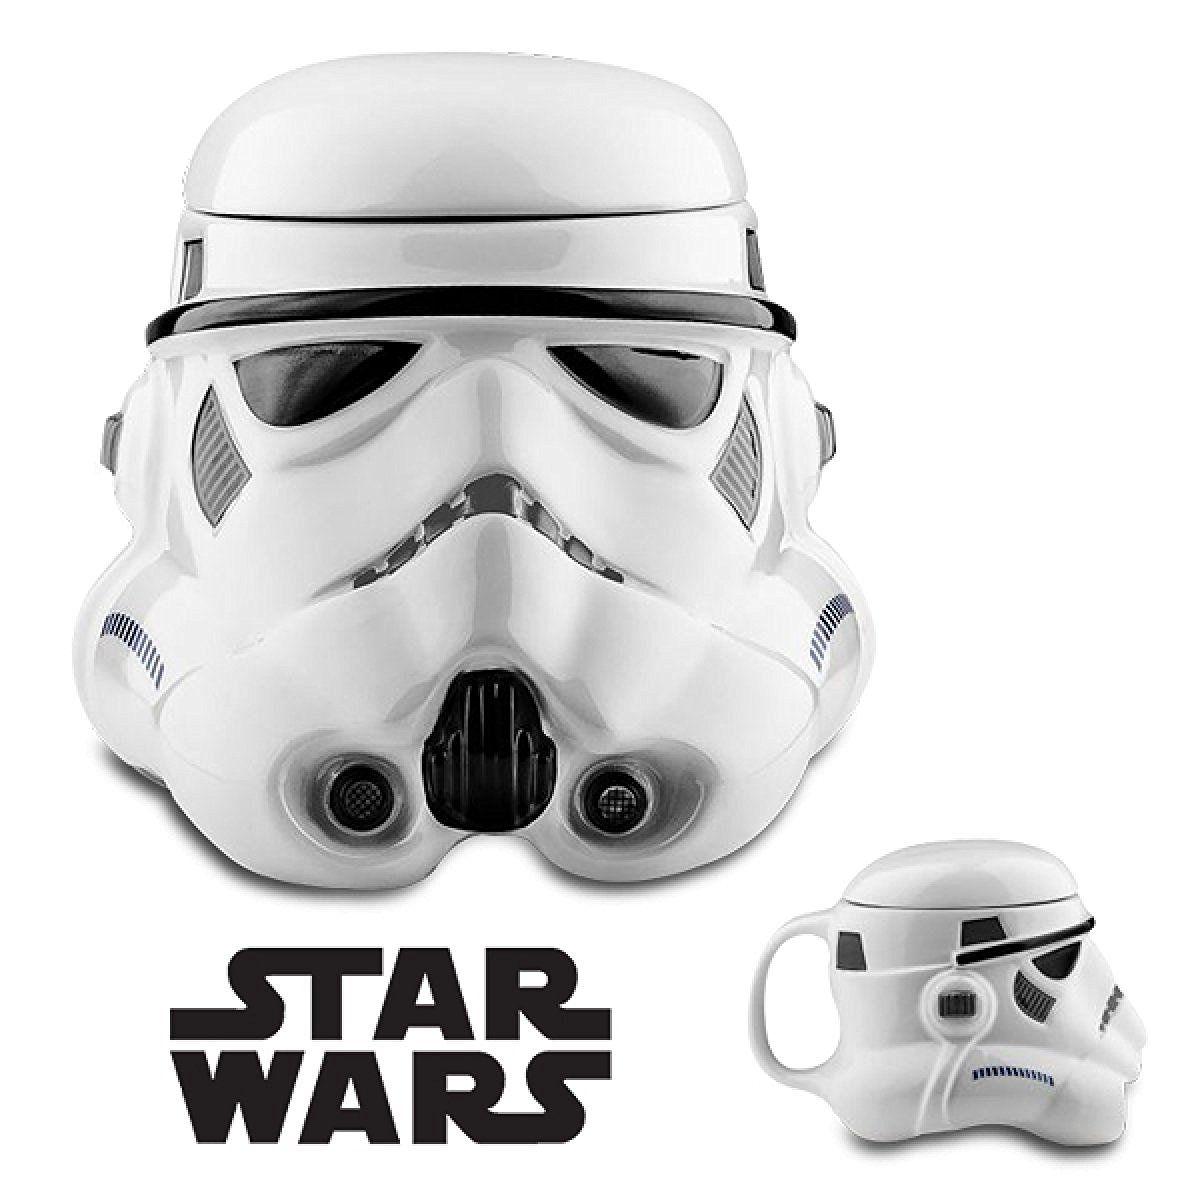 Star Wars 21296 - Storm Trooper 3D-Keramiktasse, 12 x 14 x 15 cm ...